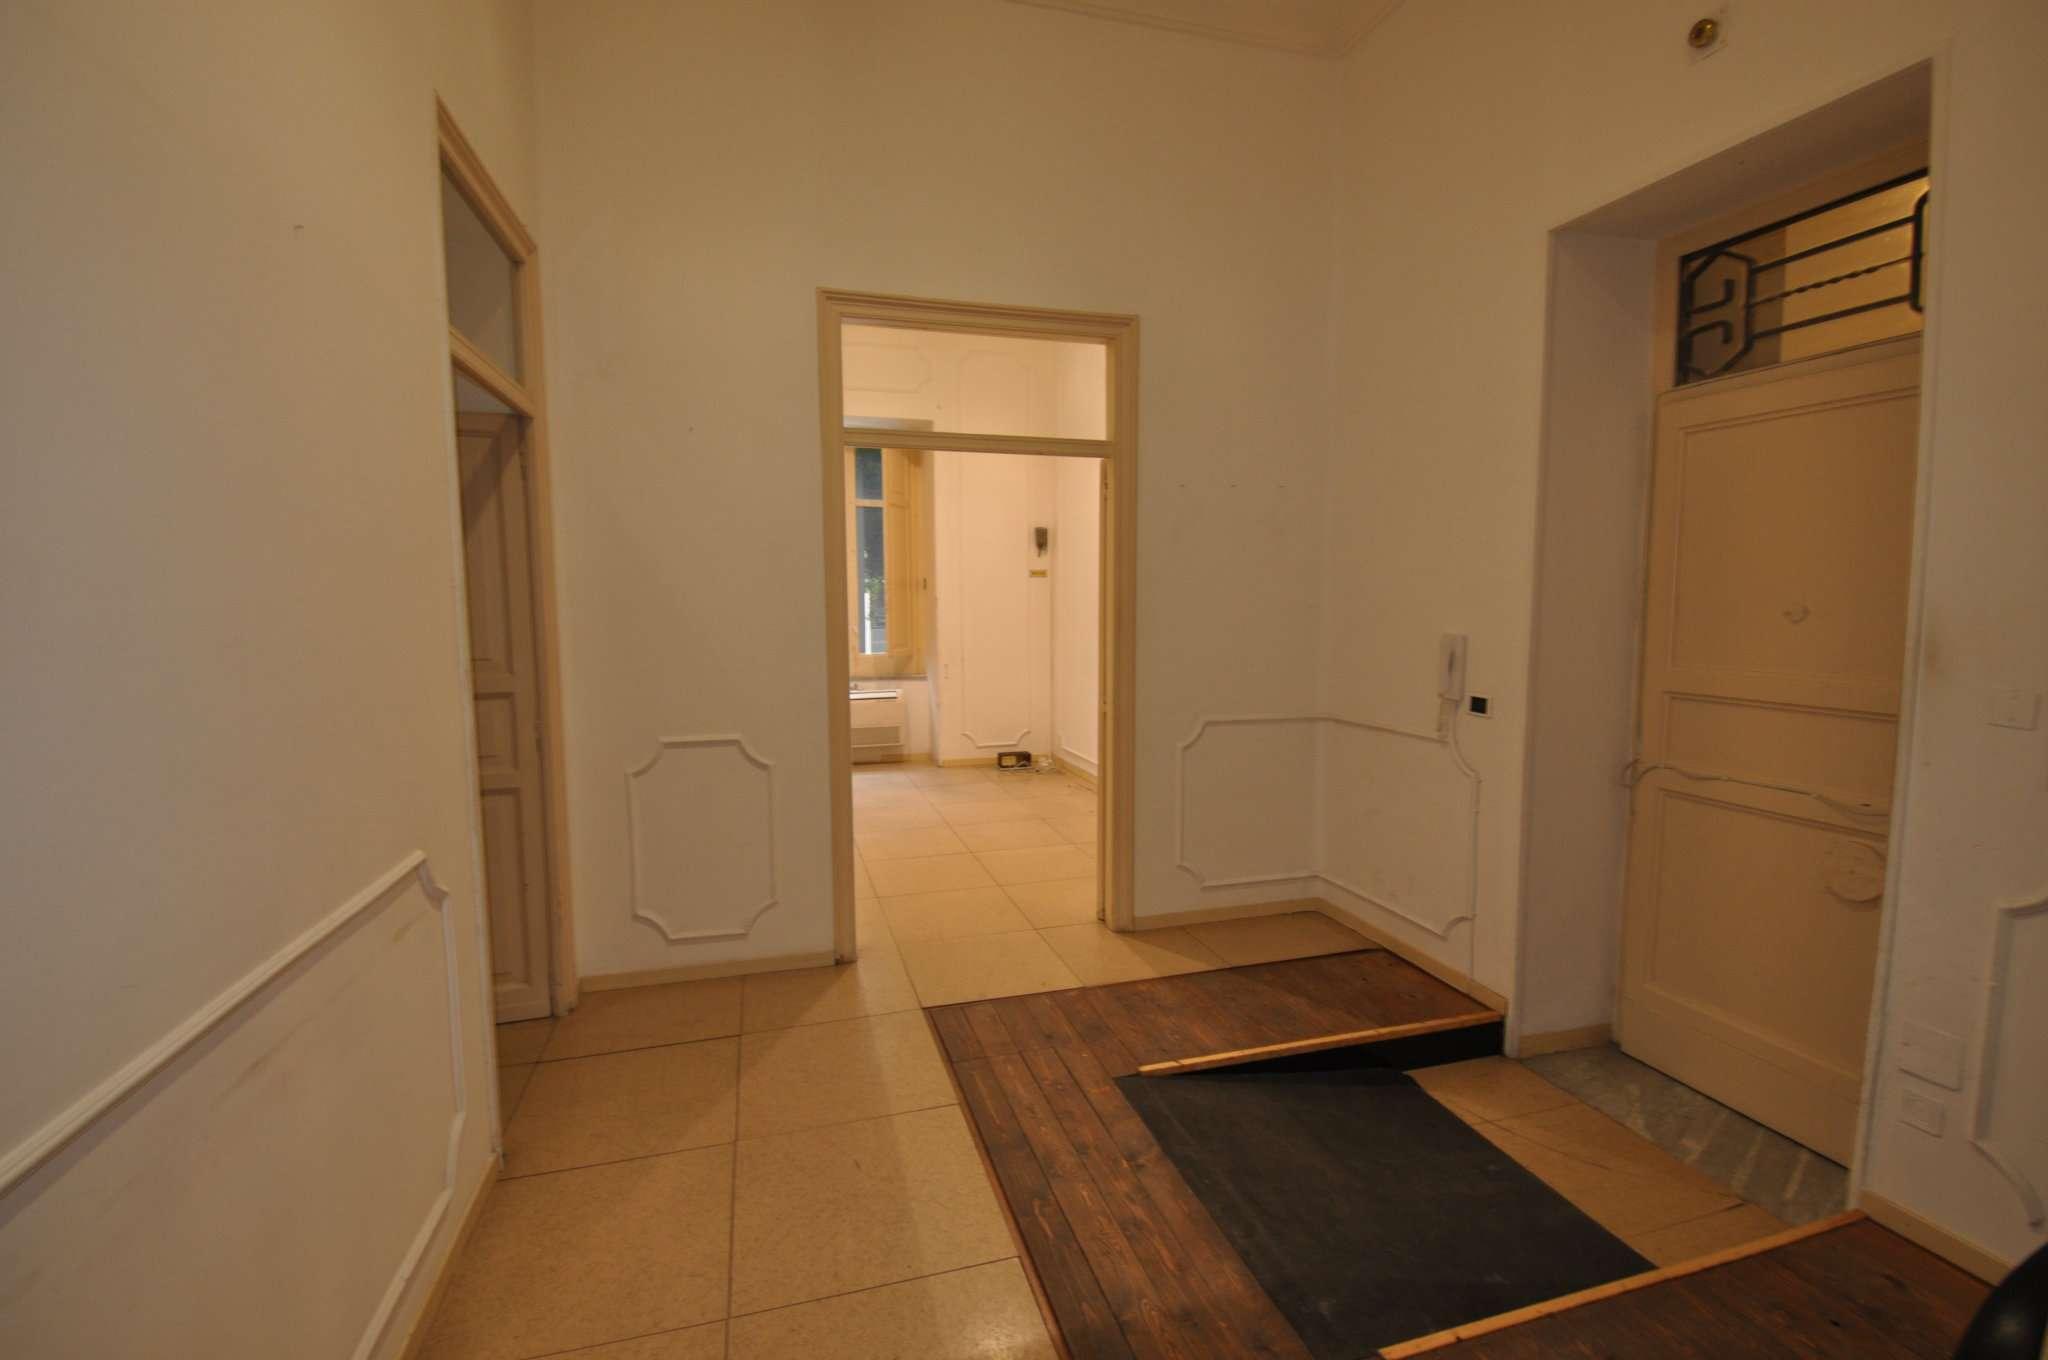 Ufficio-studio in Affitto a Palermo: 5 locali, 138 mq